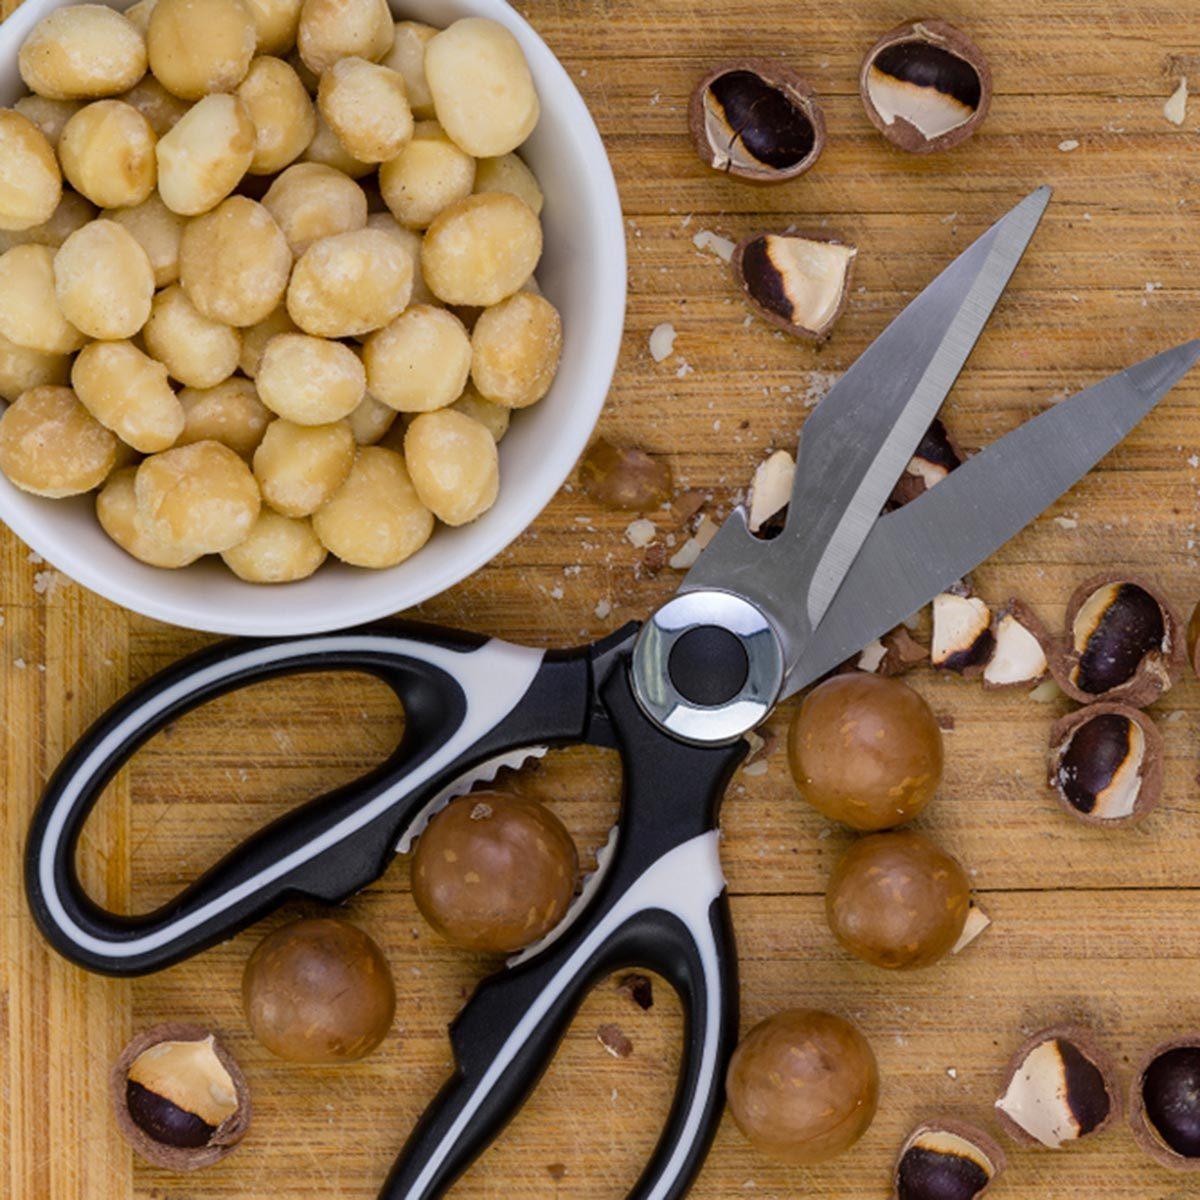 Trucs culinaires : soyez copain avec vos ciseaux de cuisine.